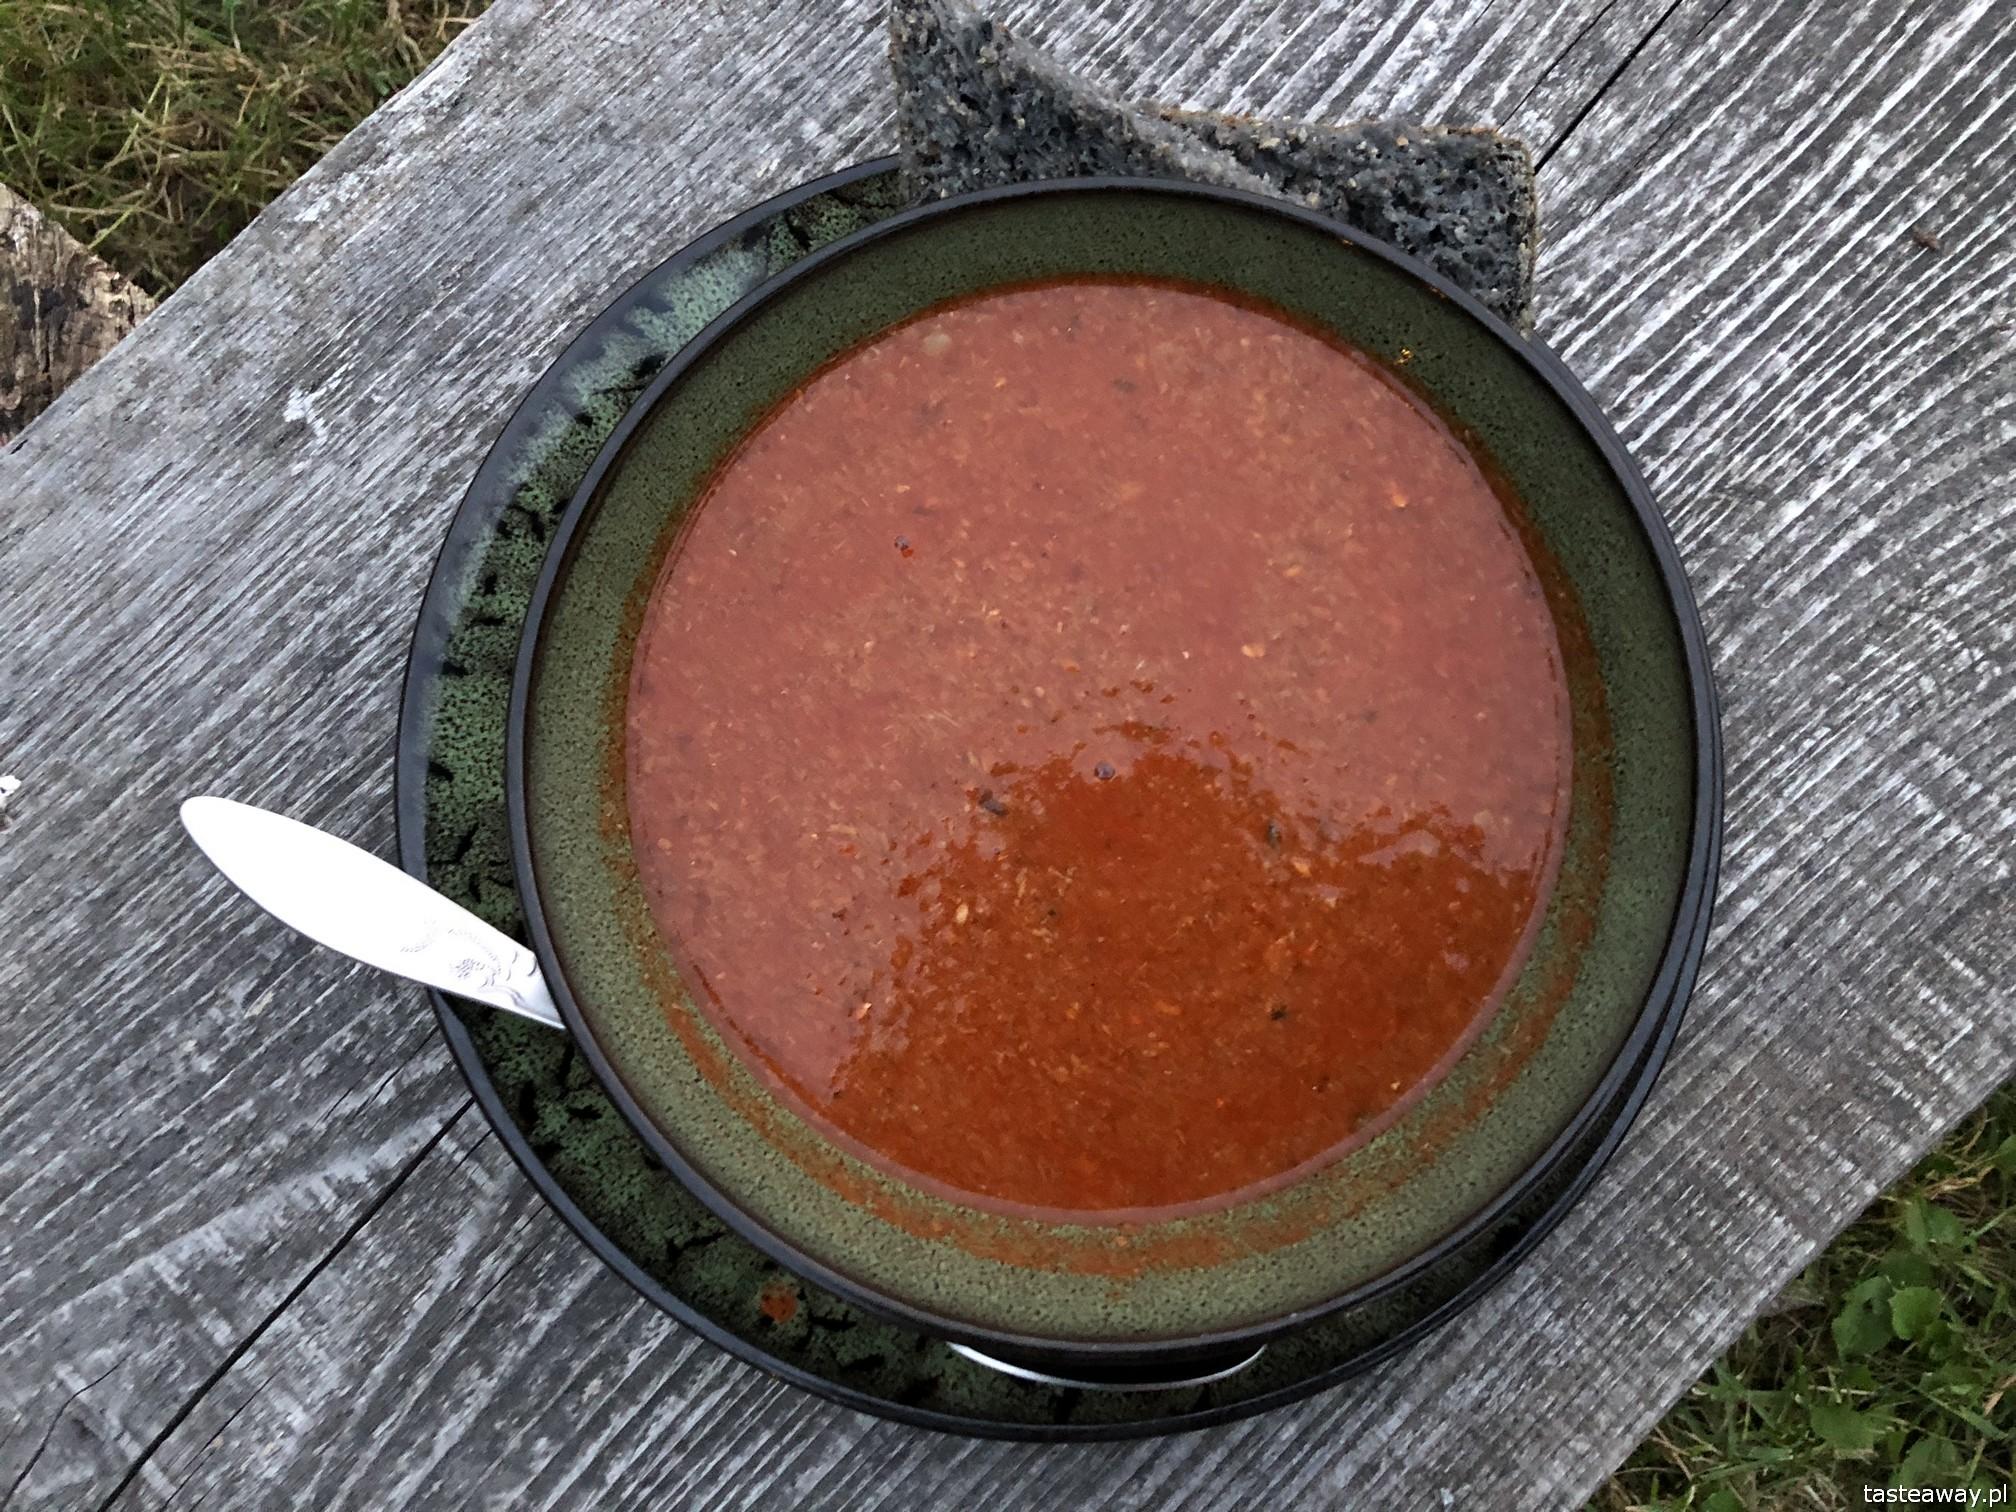 Karczma Stara Kuźnia, Folwark Przykop, Mazury, gdzie jeść na Mazurach, ostra zupa z mazurskich ryb, zupa rybna, najlepsze restauracje na Mazurach